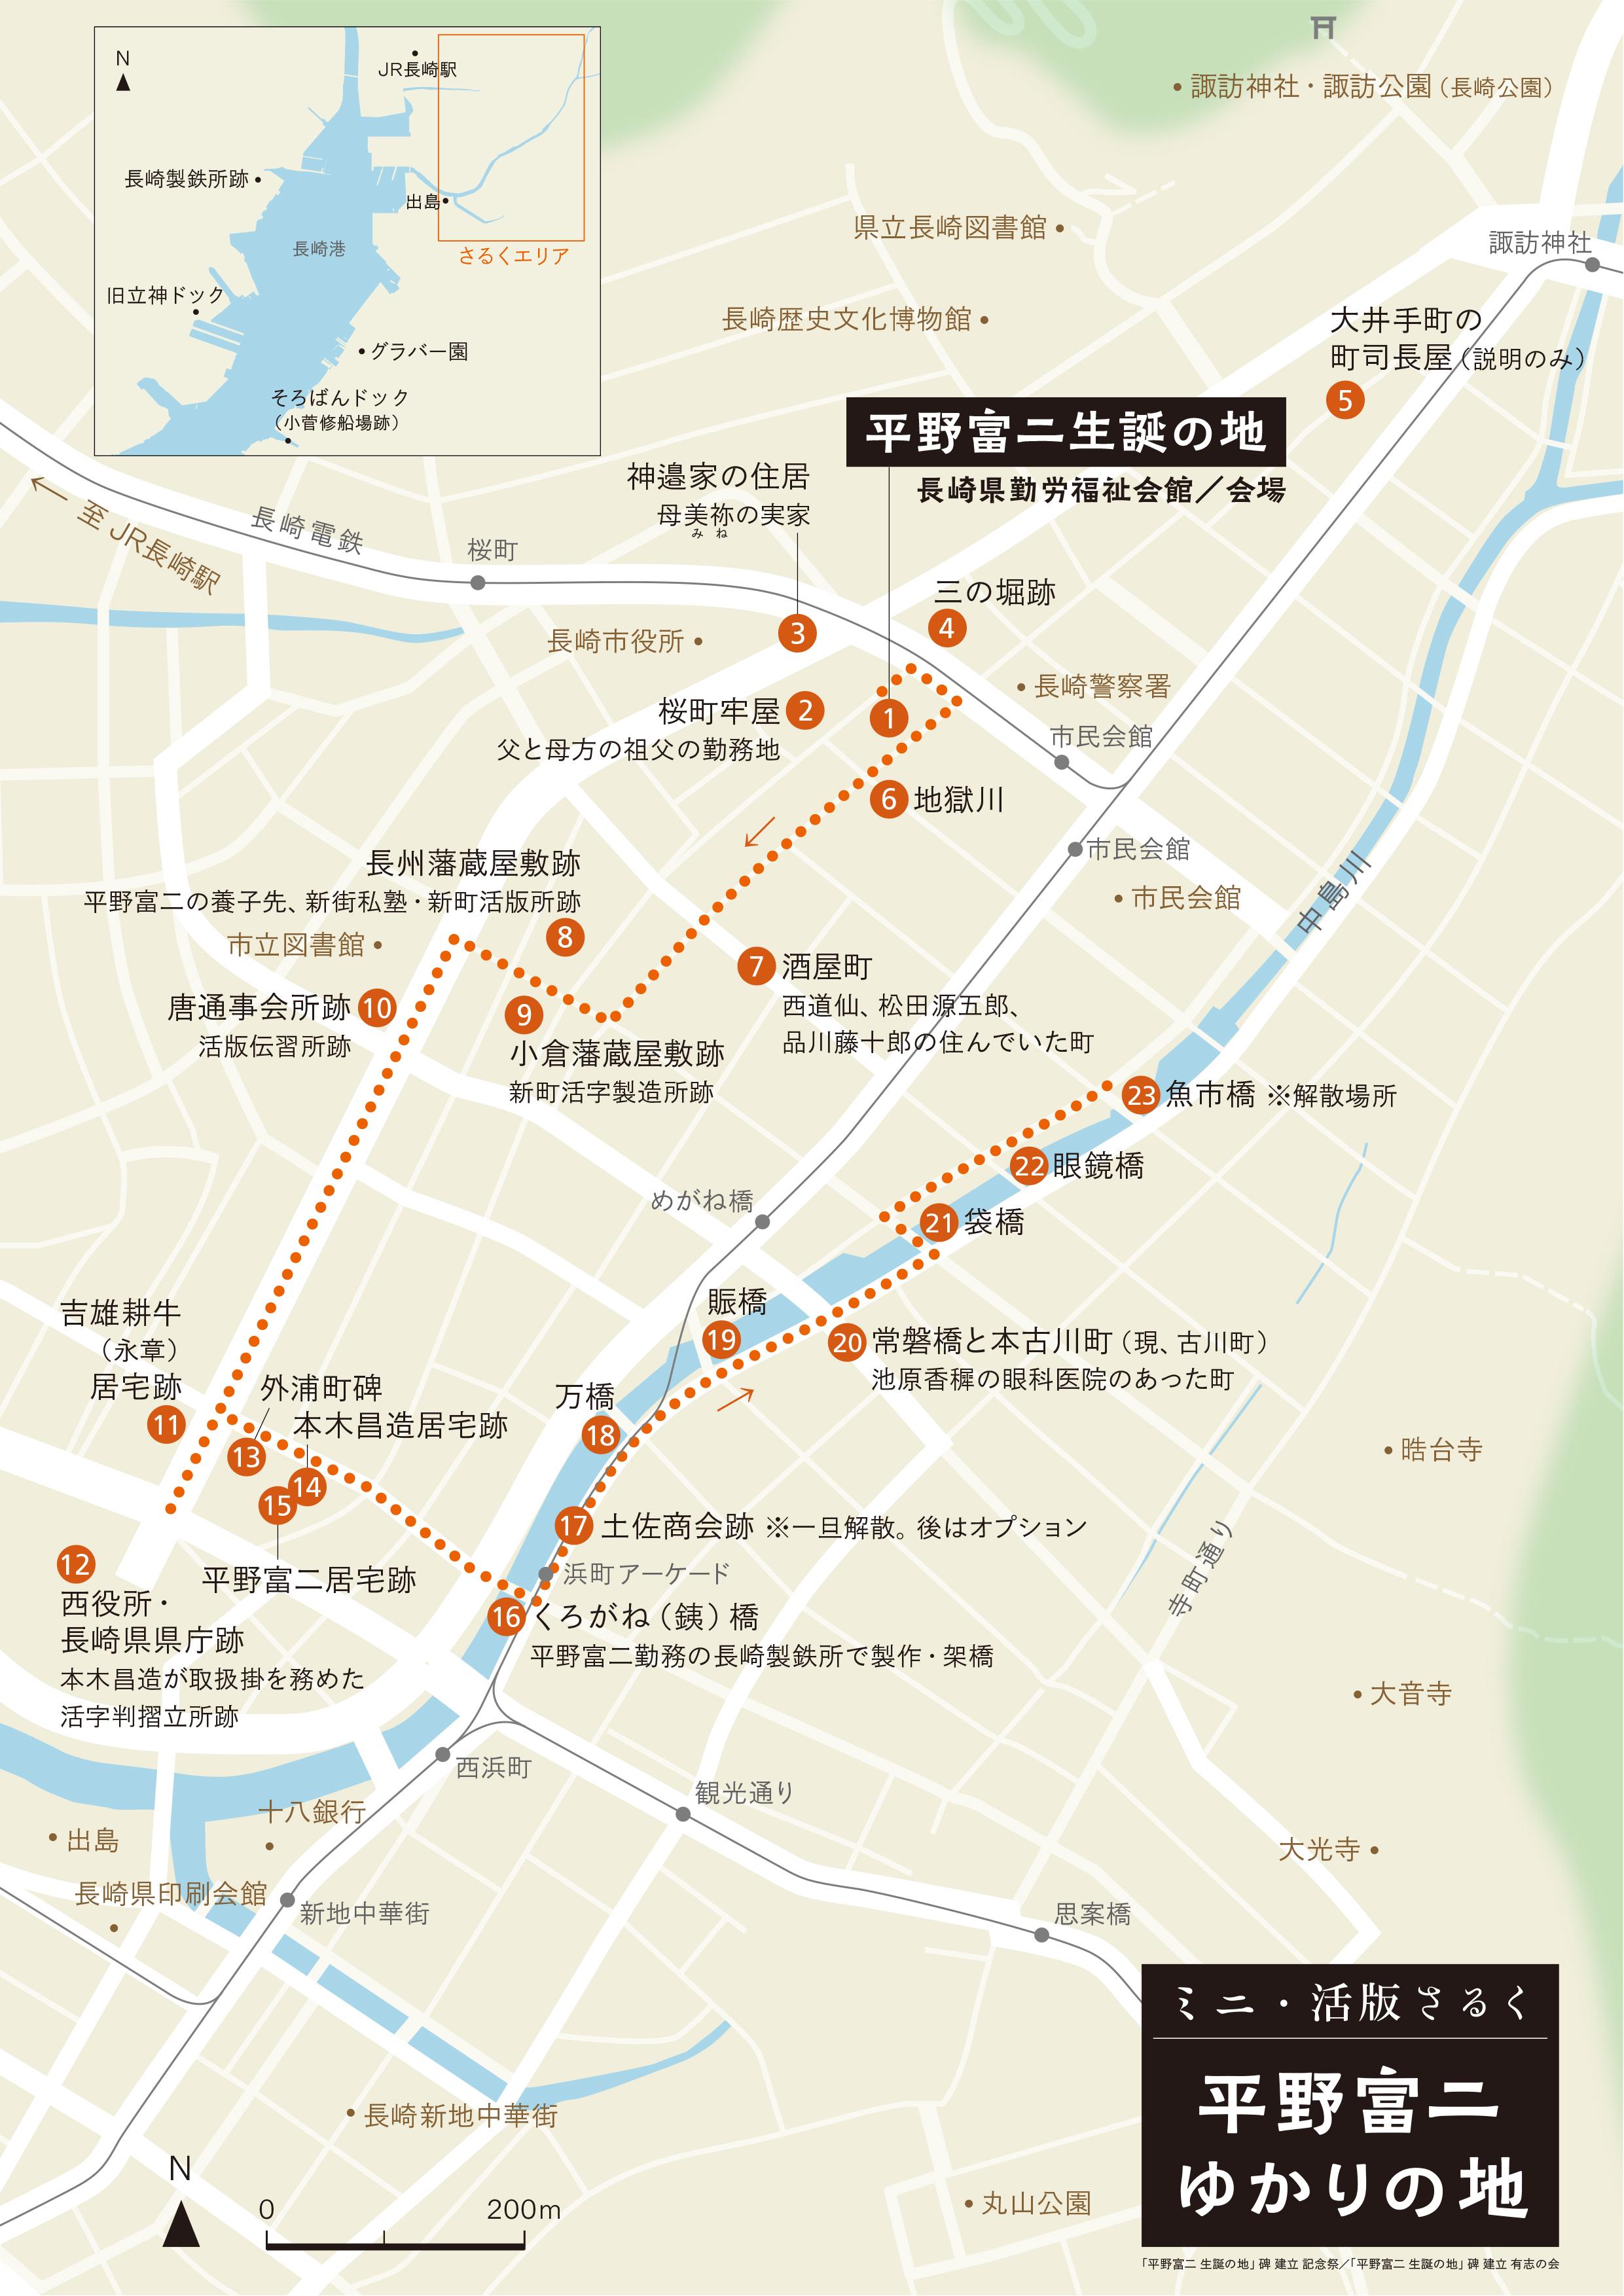 map-MiniSaruku2018_1119